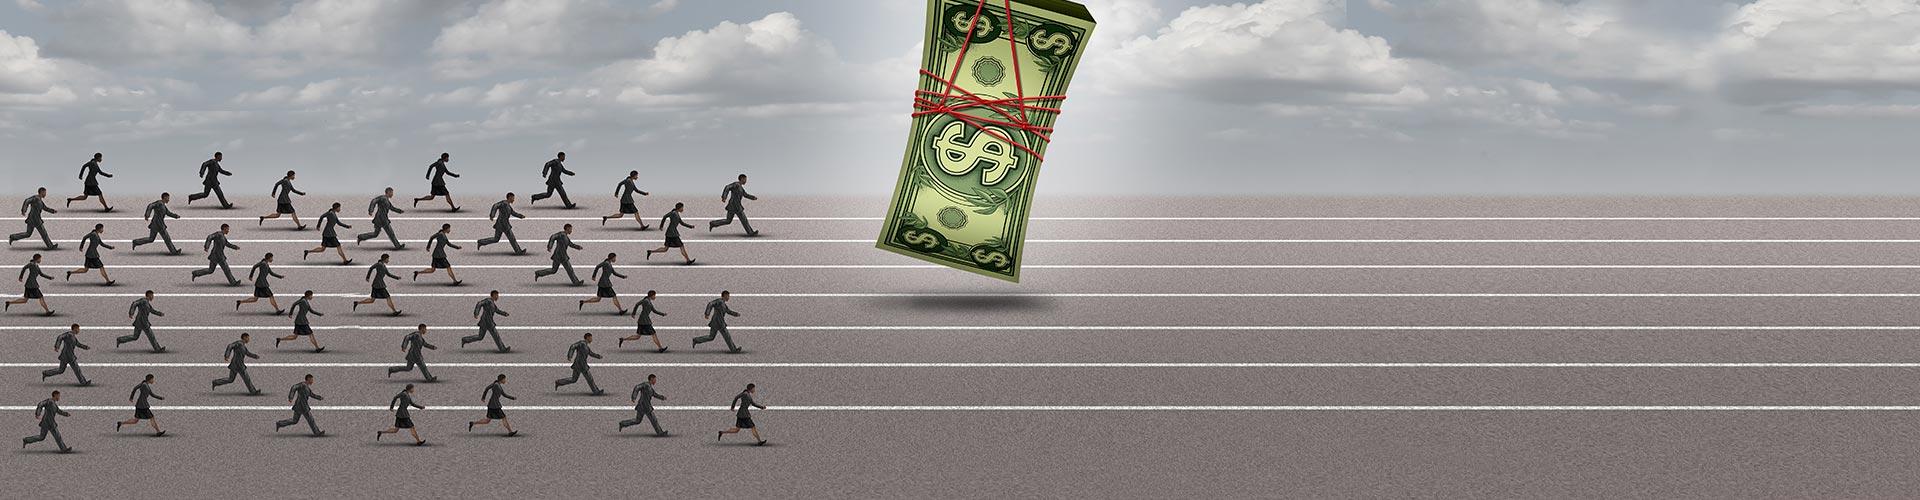 L'argent, principal ressort de la motivation des salariés ?